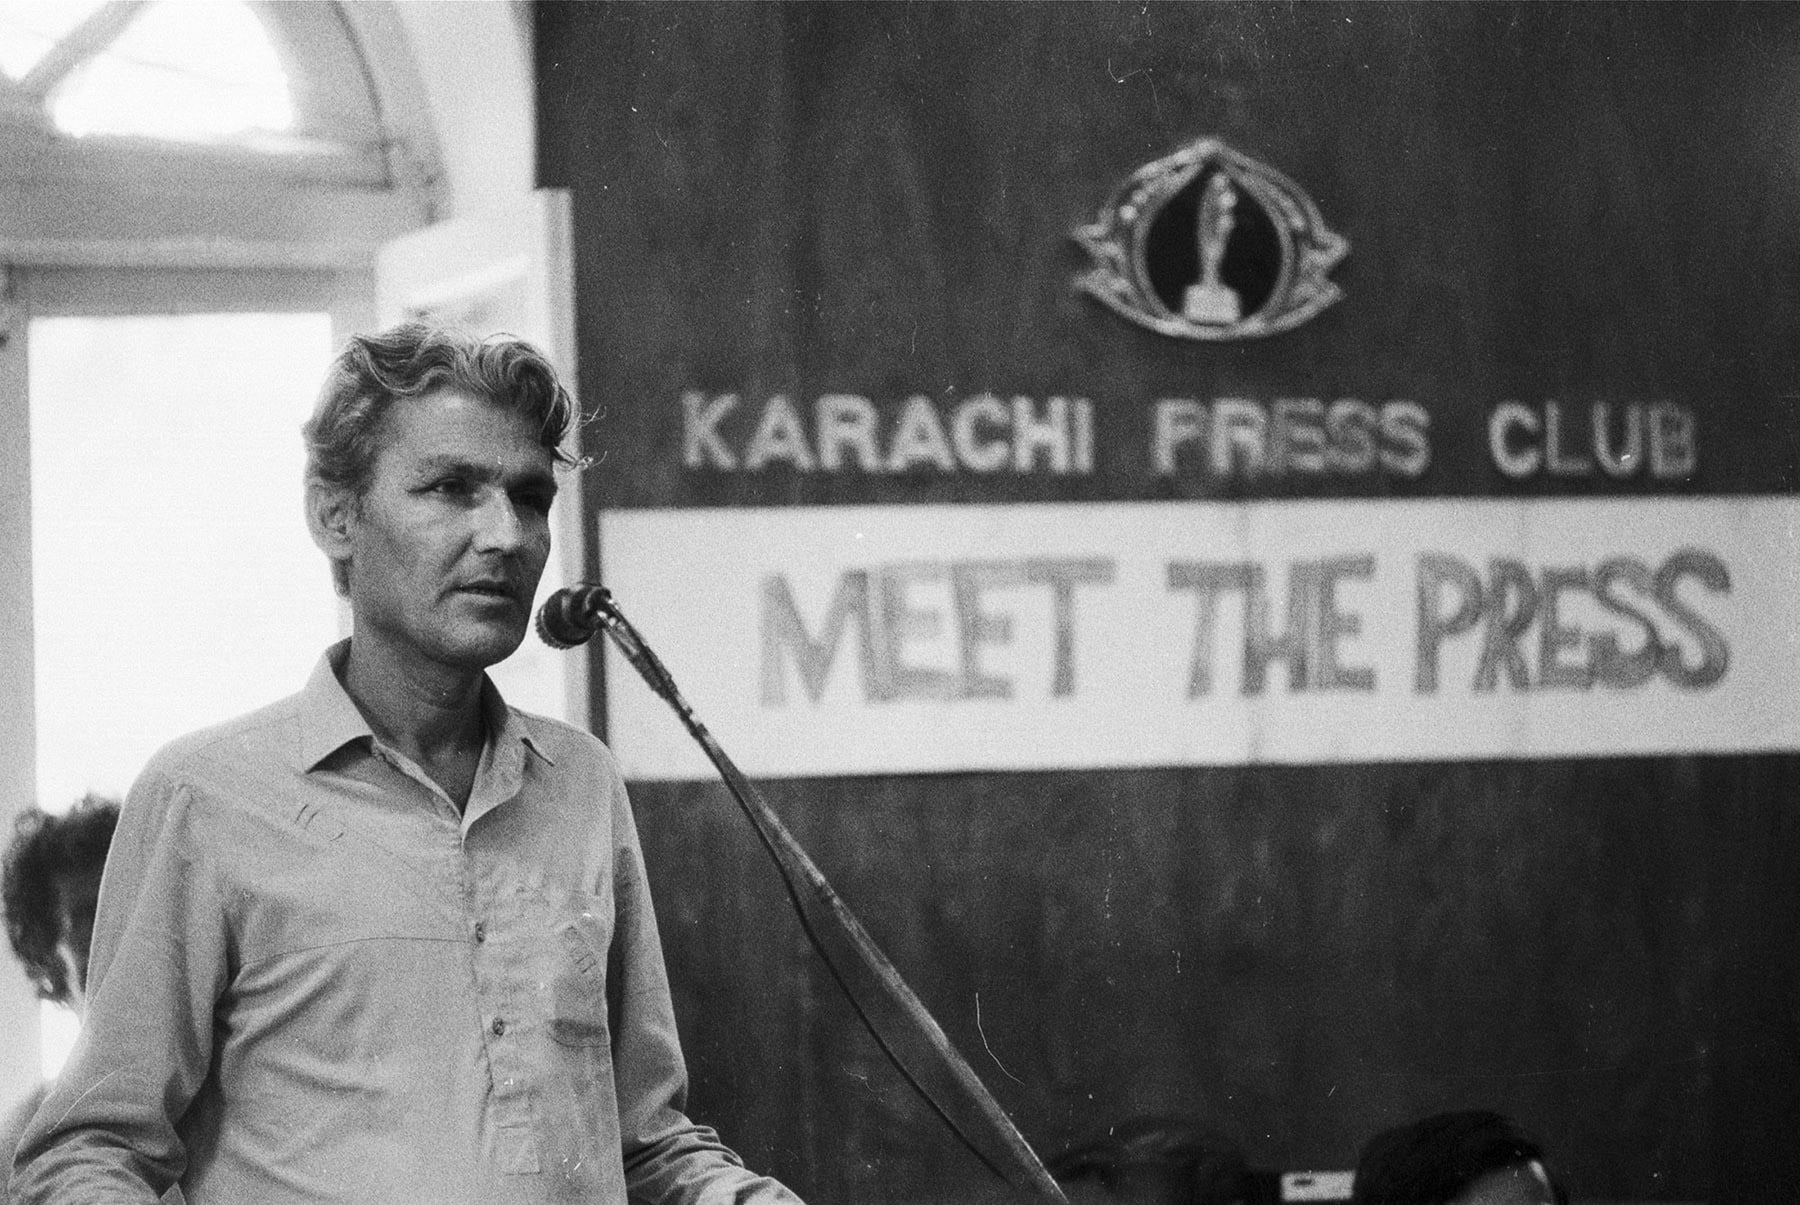 22 جولائی 1986ء کو سندھی قوم پرست رہنما اور سندھی عوامی تحریک کے صدر رسول بخش پلیجو جلیس ہال میں منعقدہ میٹ دی پریس پروگرام میں مخاطب ہیں— تصویر بشکریہ زاہد حسین